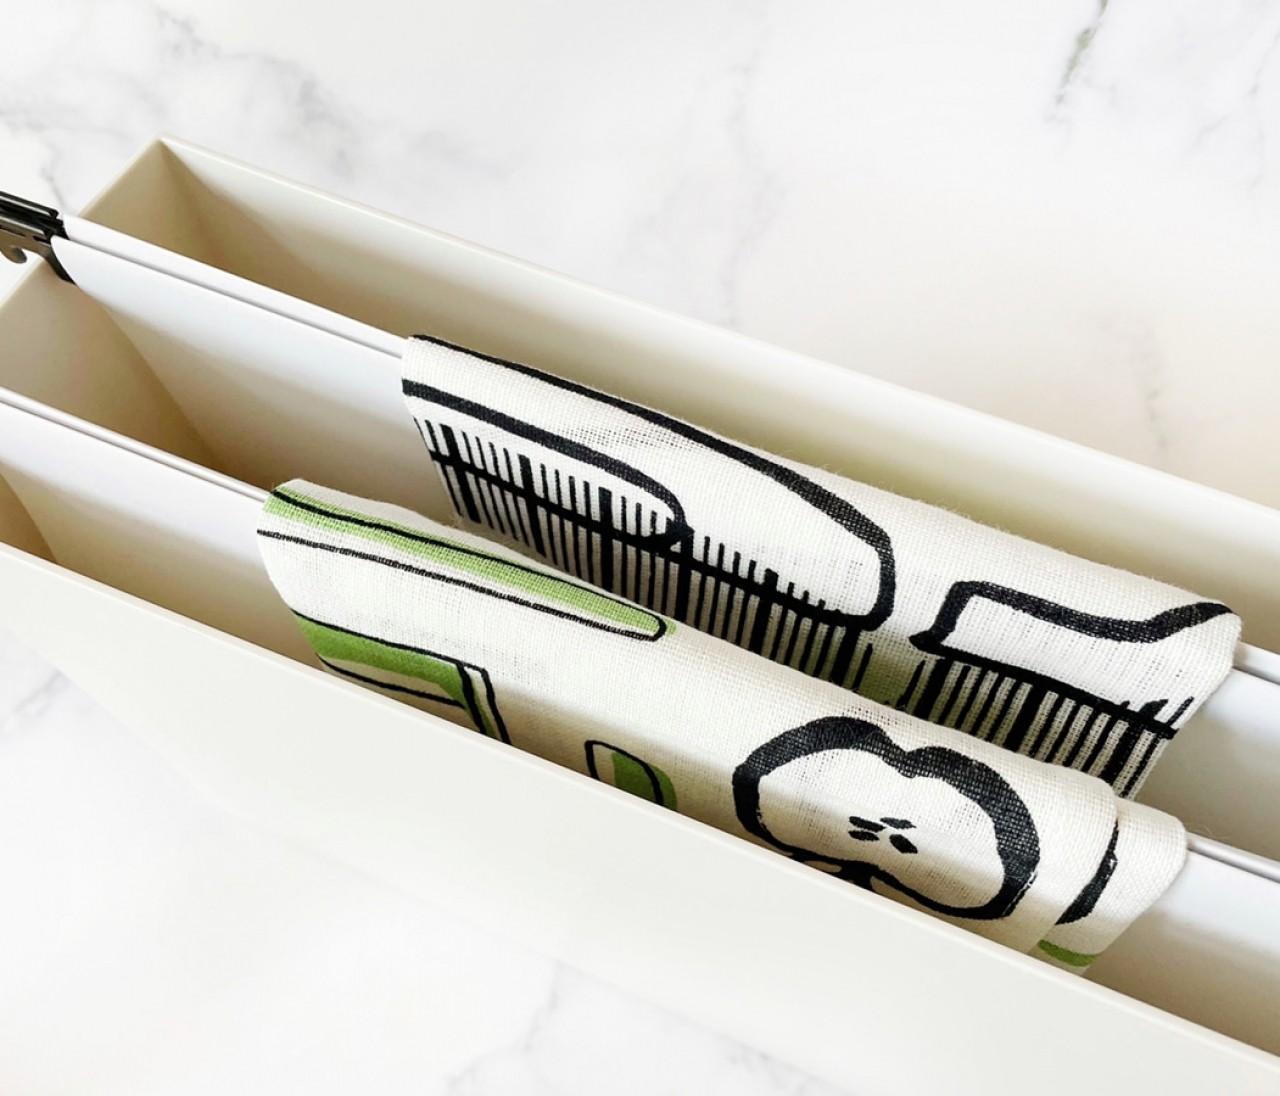 【セリア】新商品「ハンギングフォルダー」が登場!書類以外も収納できる優れもの♡